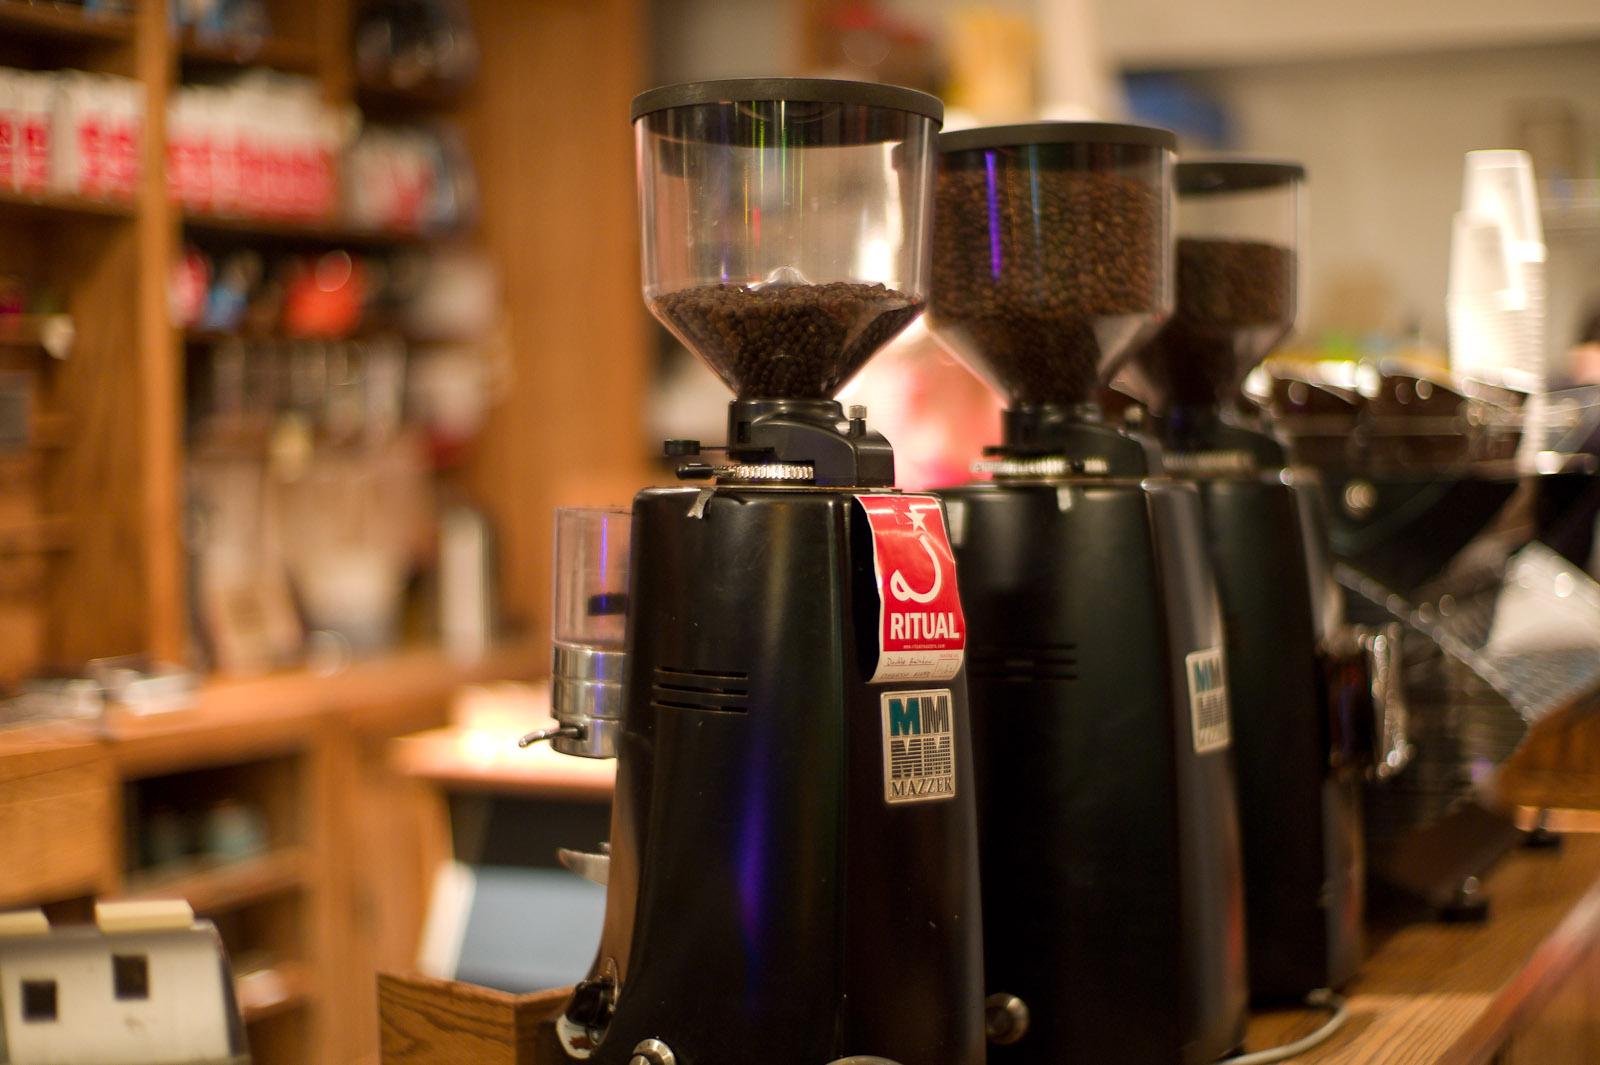 Cafe Myriade - Ritual Beans